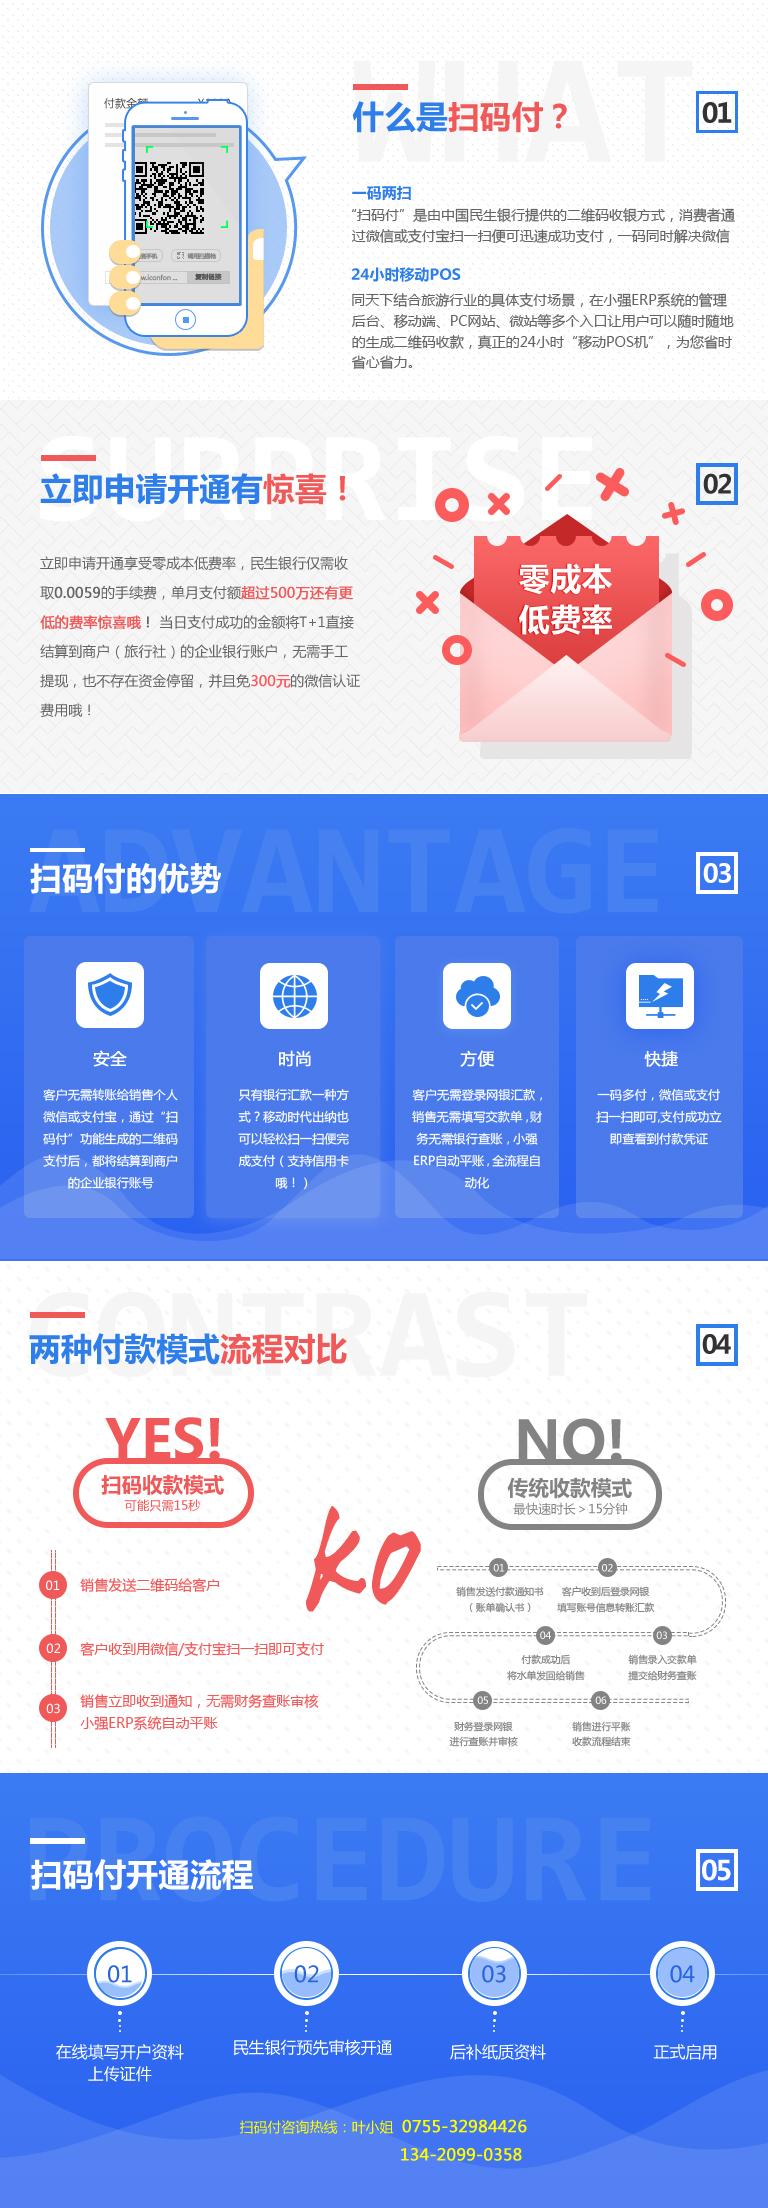 新闻图片(1).jpg